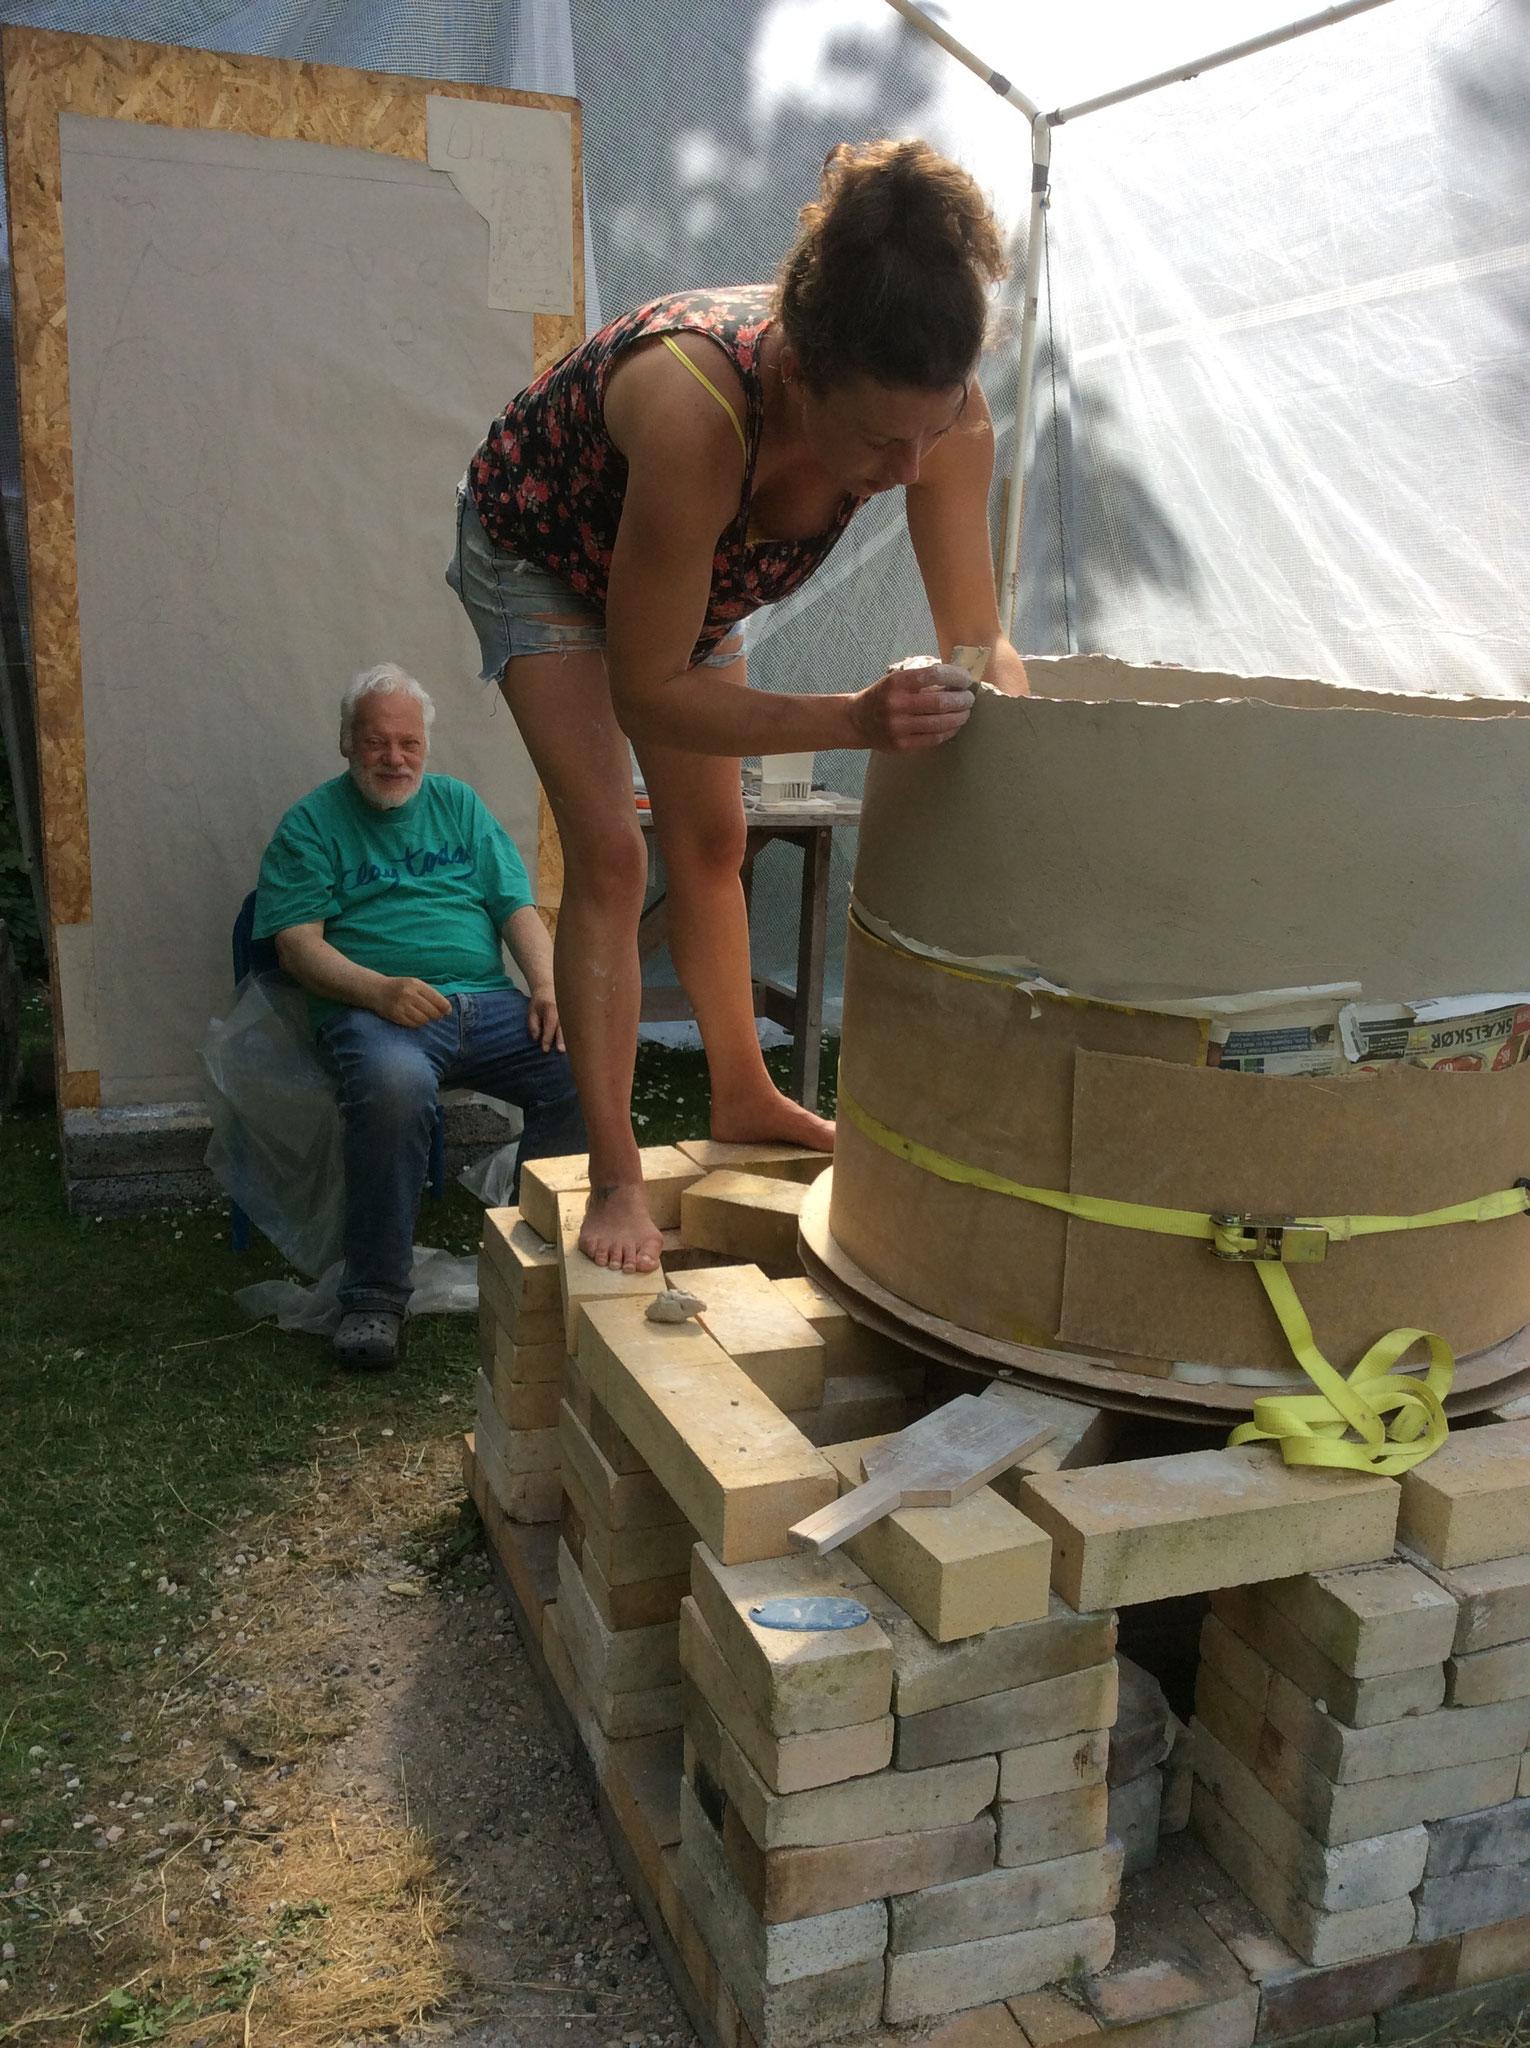 Hattie und Sten beim Bau der Feuerskulptur